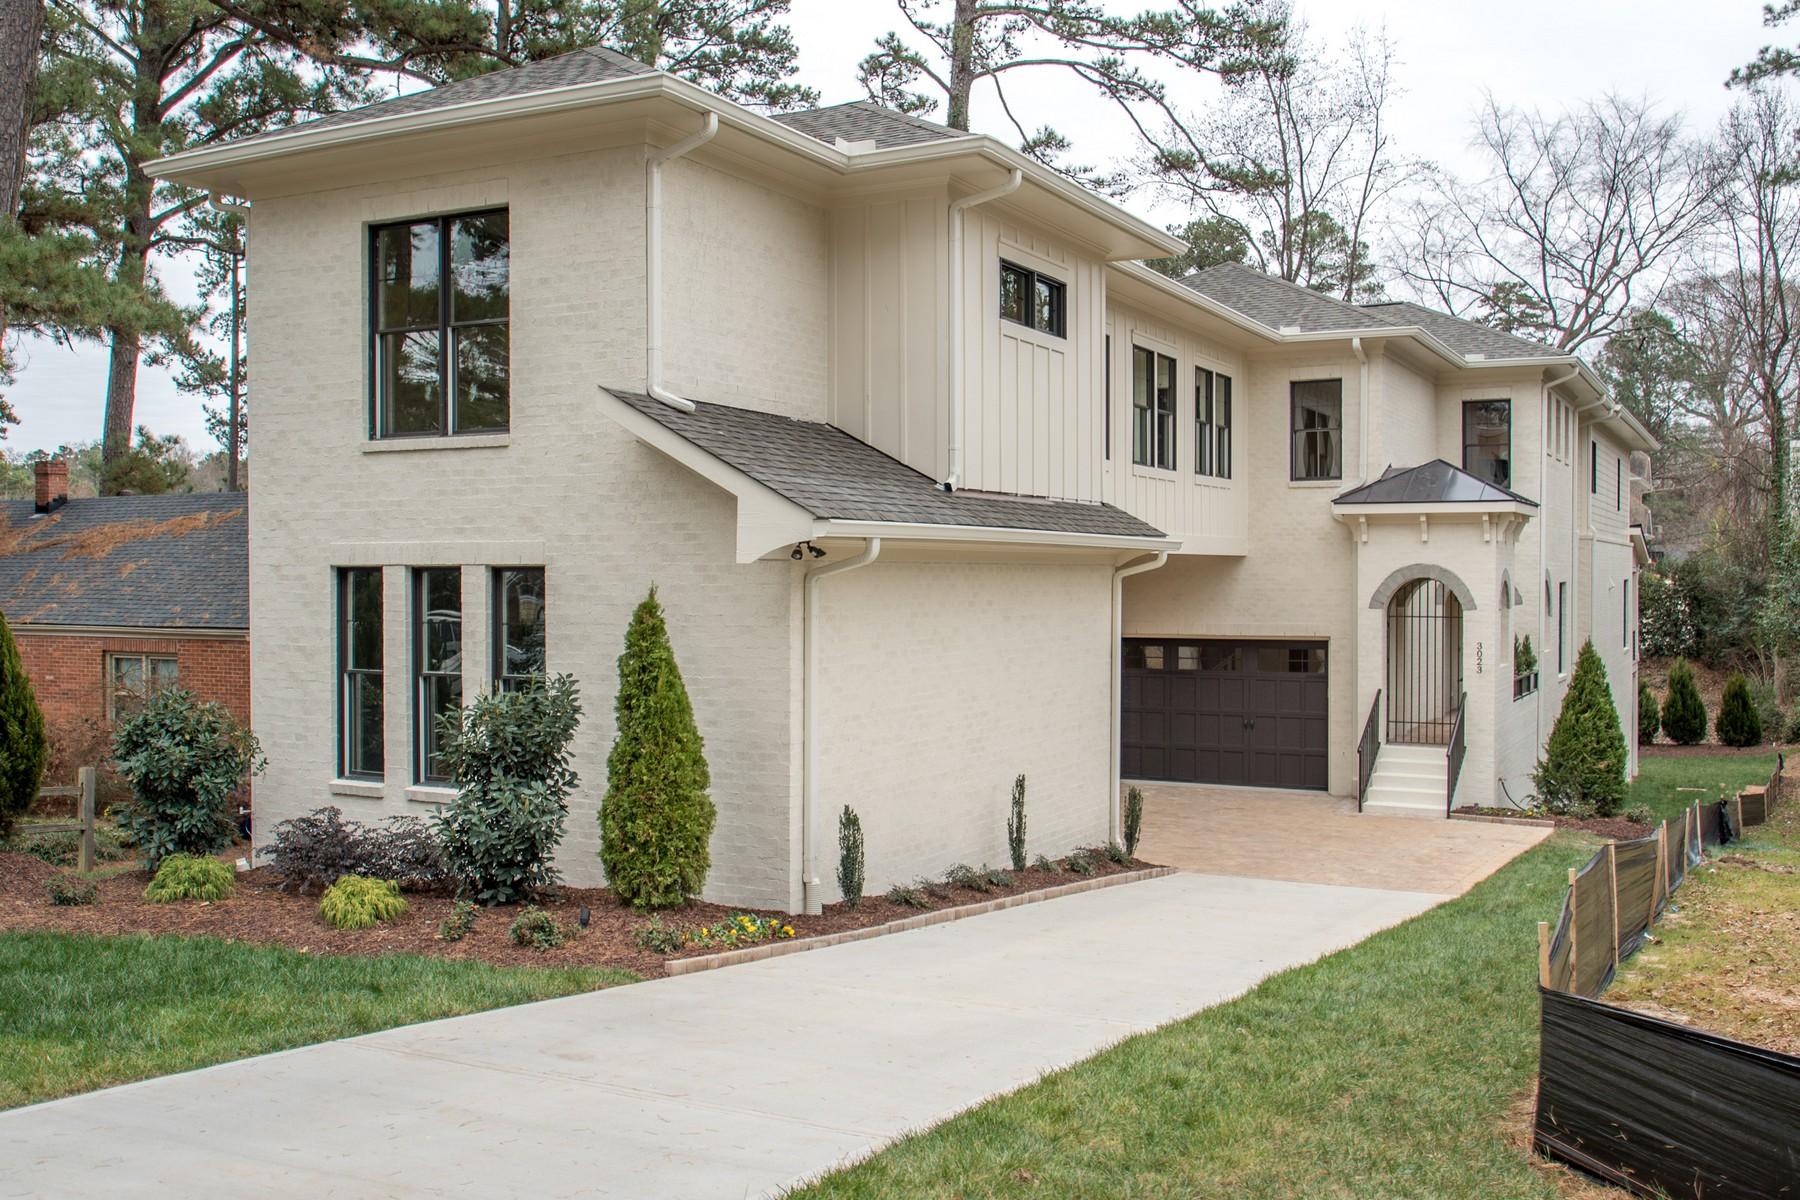 Casa Unifamiliar por un Venta en 3023 Lewis Farm Road Raleigh, Carolina Del Norte, 27607 Estados UnidosEn/Alrededor: Chapel Hill, Cary, Durham